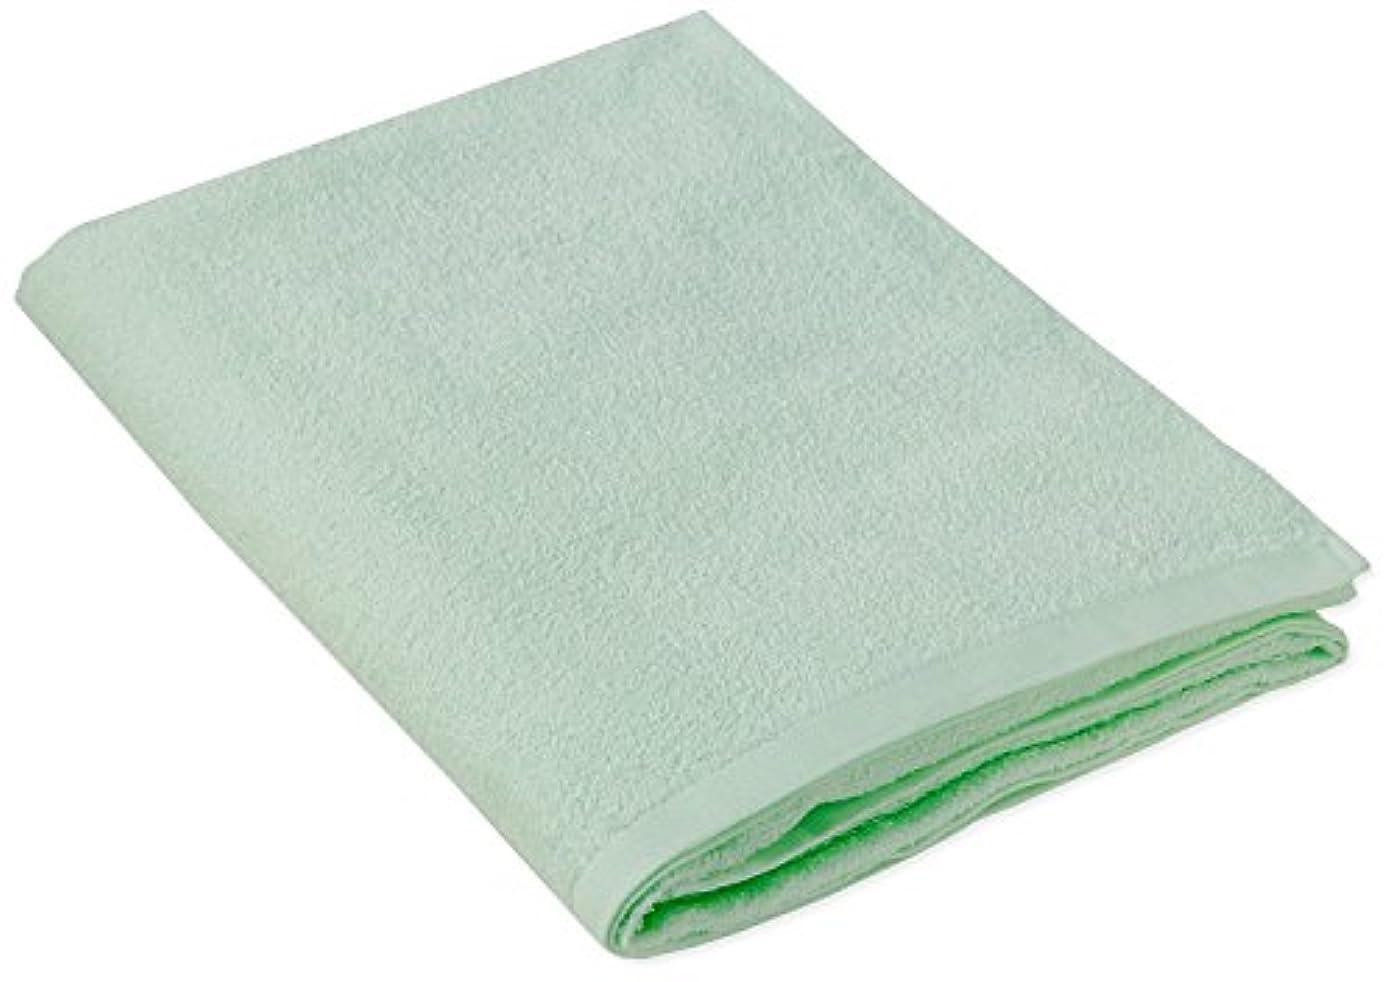 ページェント再発する切るキヨタ 抗菌介護タオル(大判タオル1枚入) グリーン 80×135cm